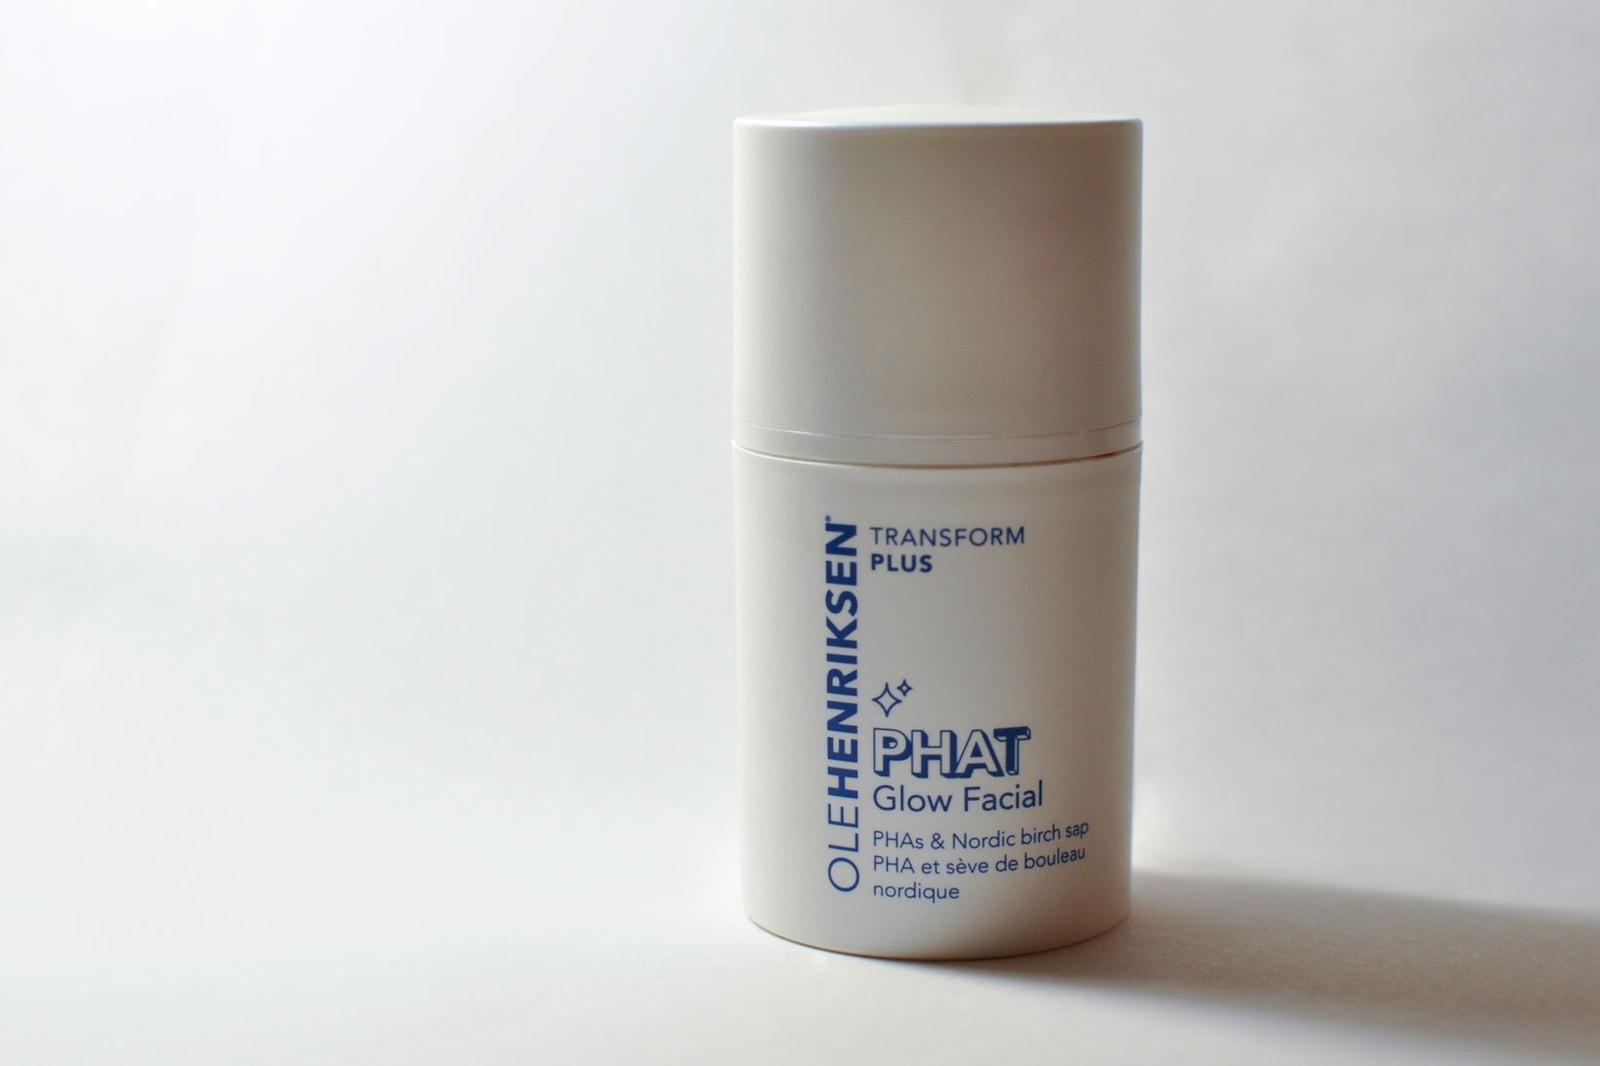 Ole Henriksen PHAT Glow Facial Mask Skincare